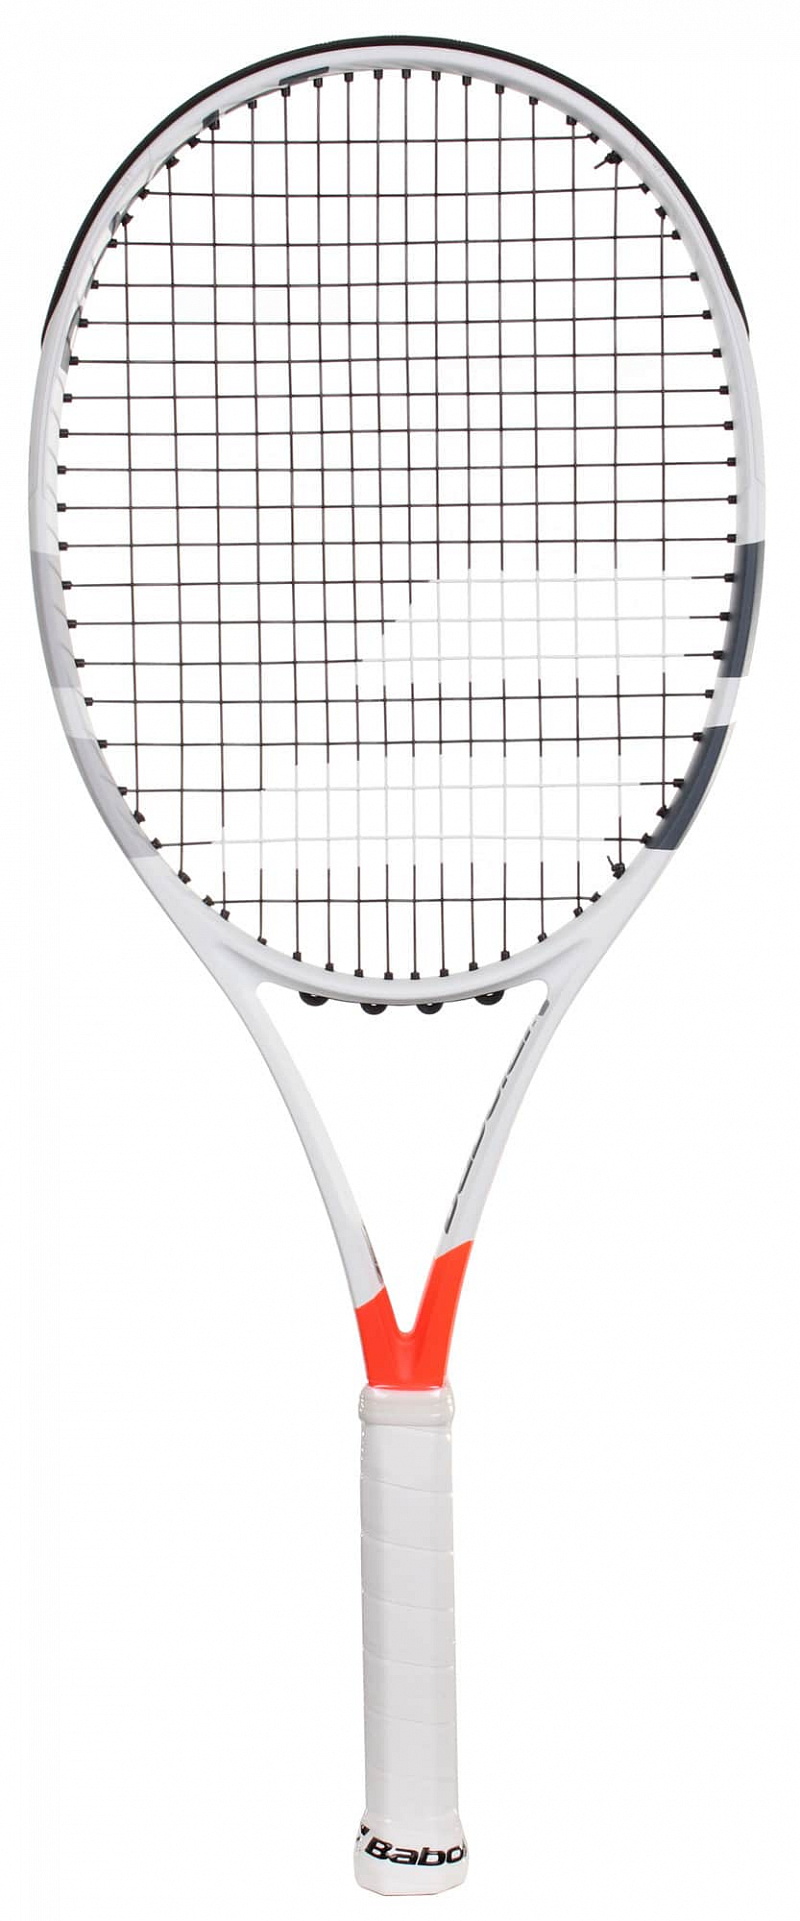 Pure Strike 100 2017 tenisová raketa, vypletená grip: G4